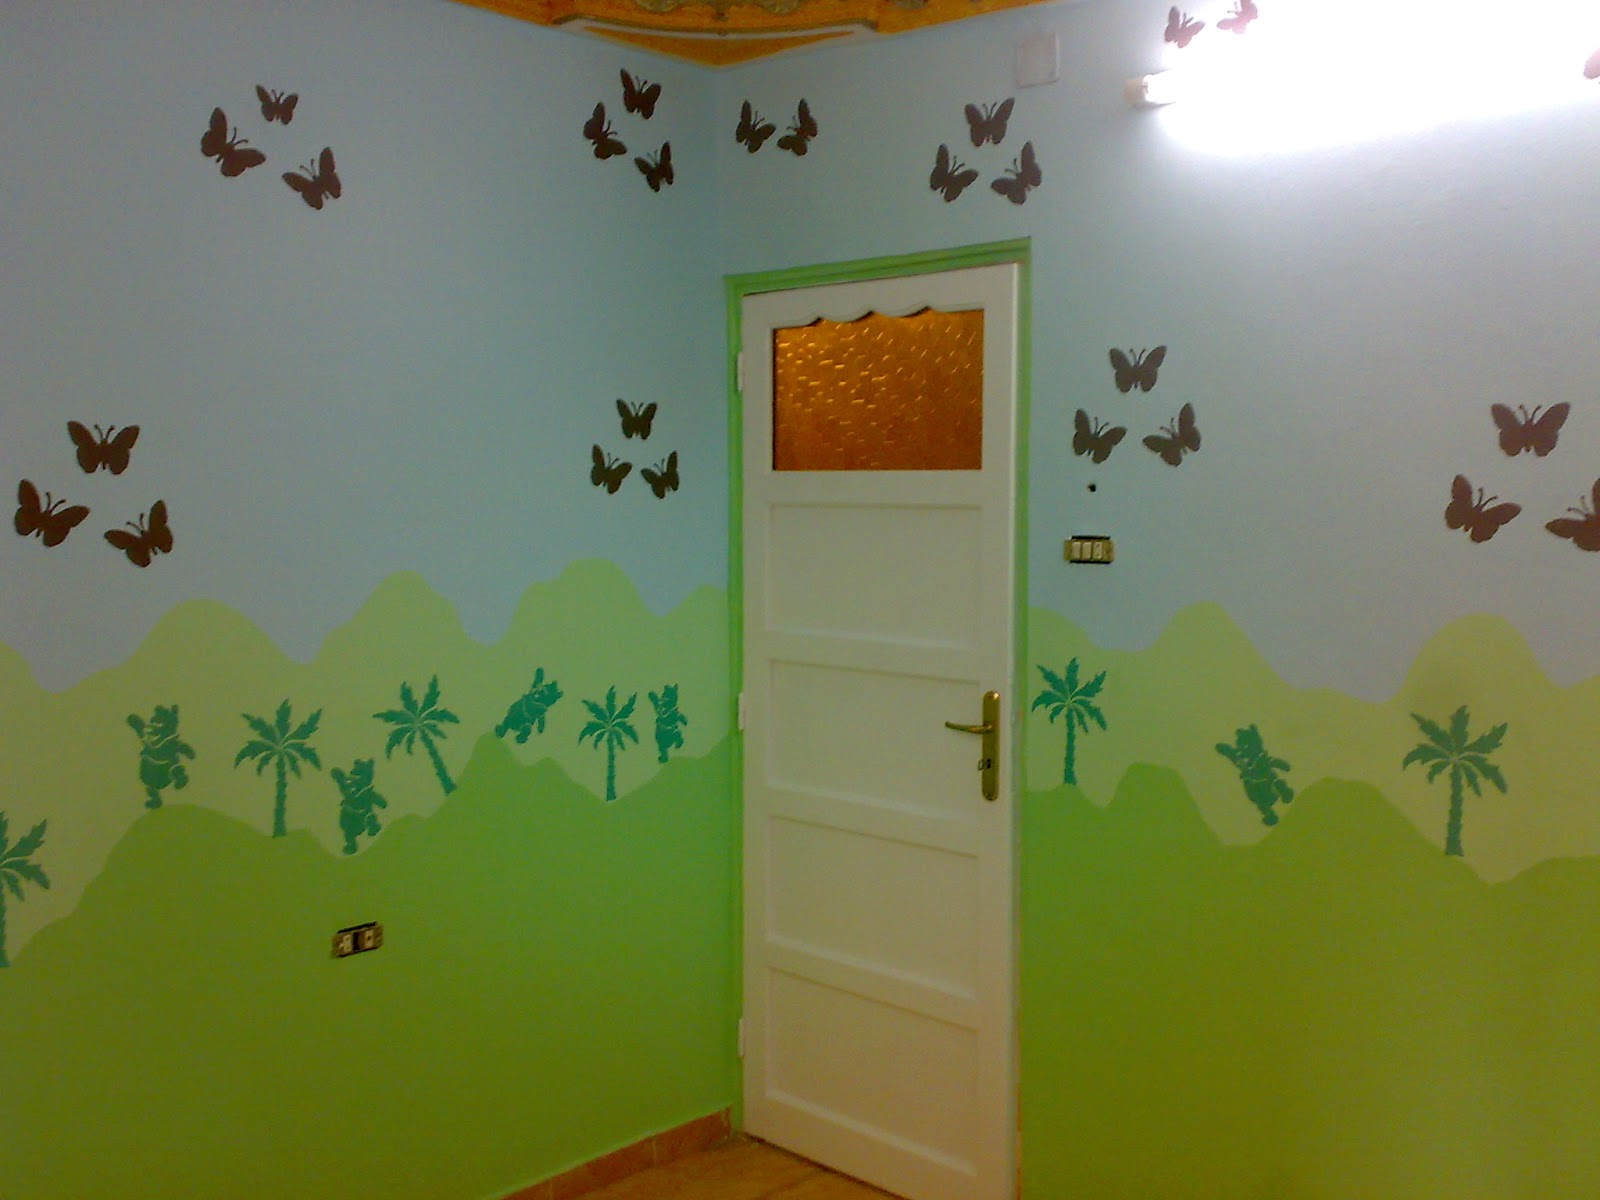 بالصور دهانات غرف اطفال , احدث الدهانات لغرفة طفلك 869 7